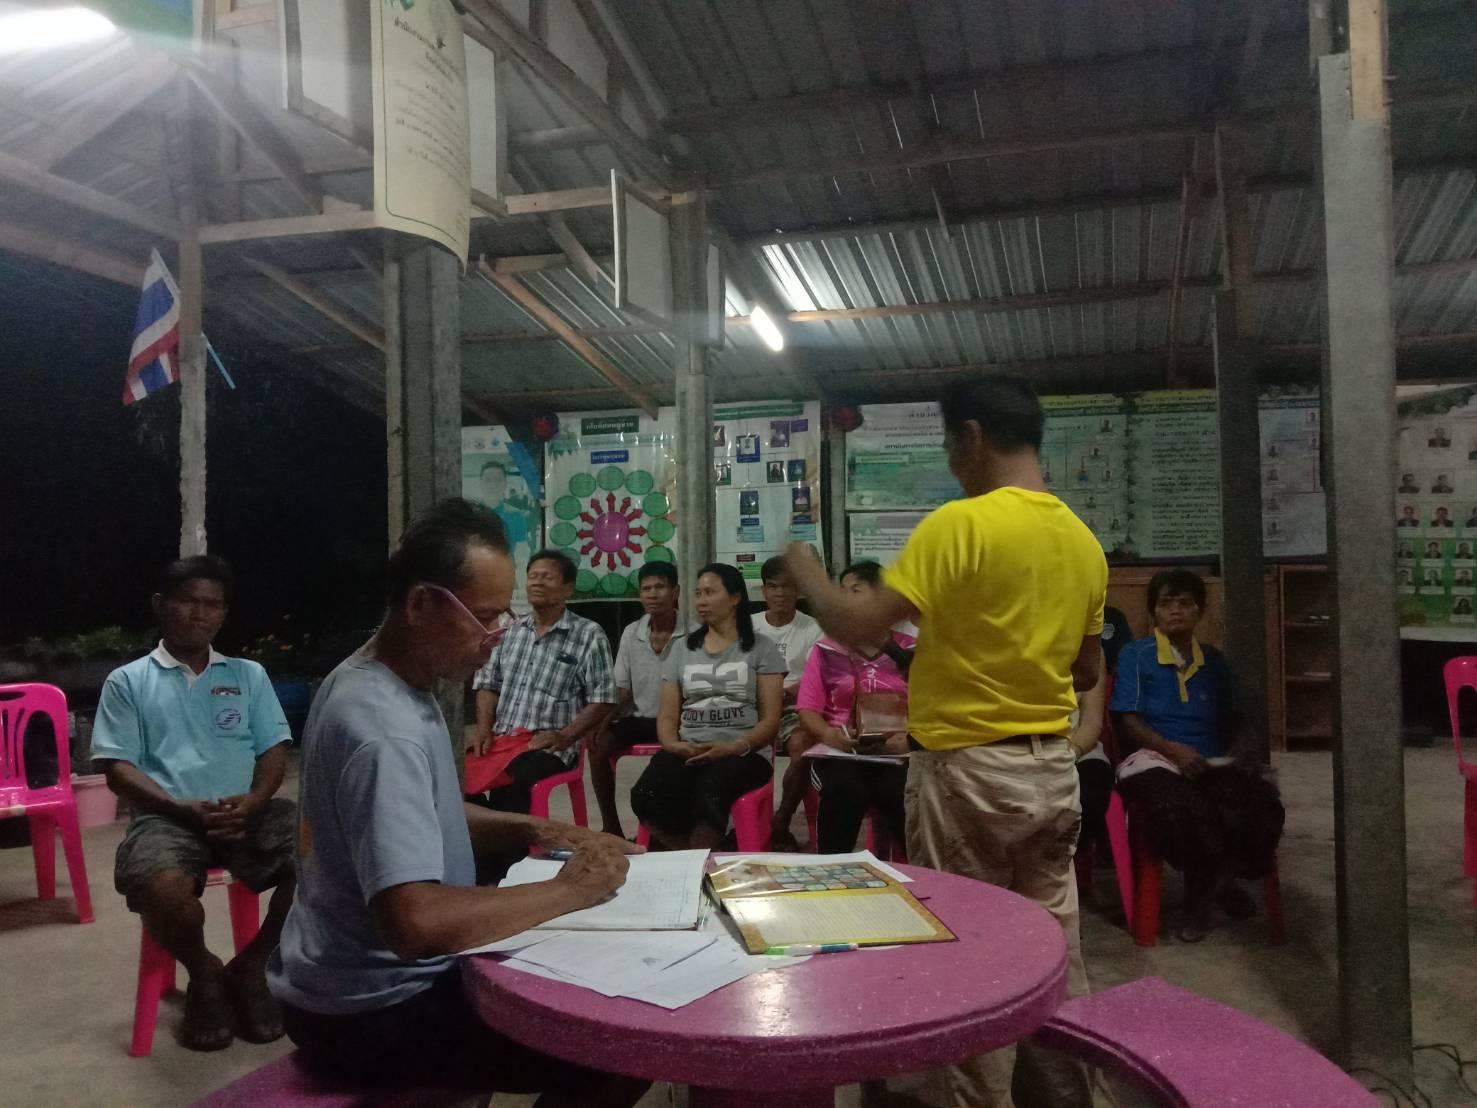 ประชุมคณะกรรมการหมู่บ้าน วันที่ 17 มีนาคม 2563 ณ ที่ทำการผู้ใหญ่บ้าน